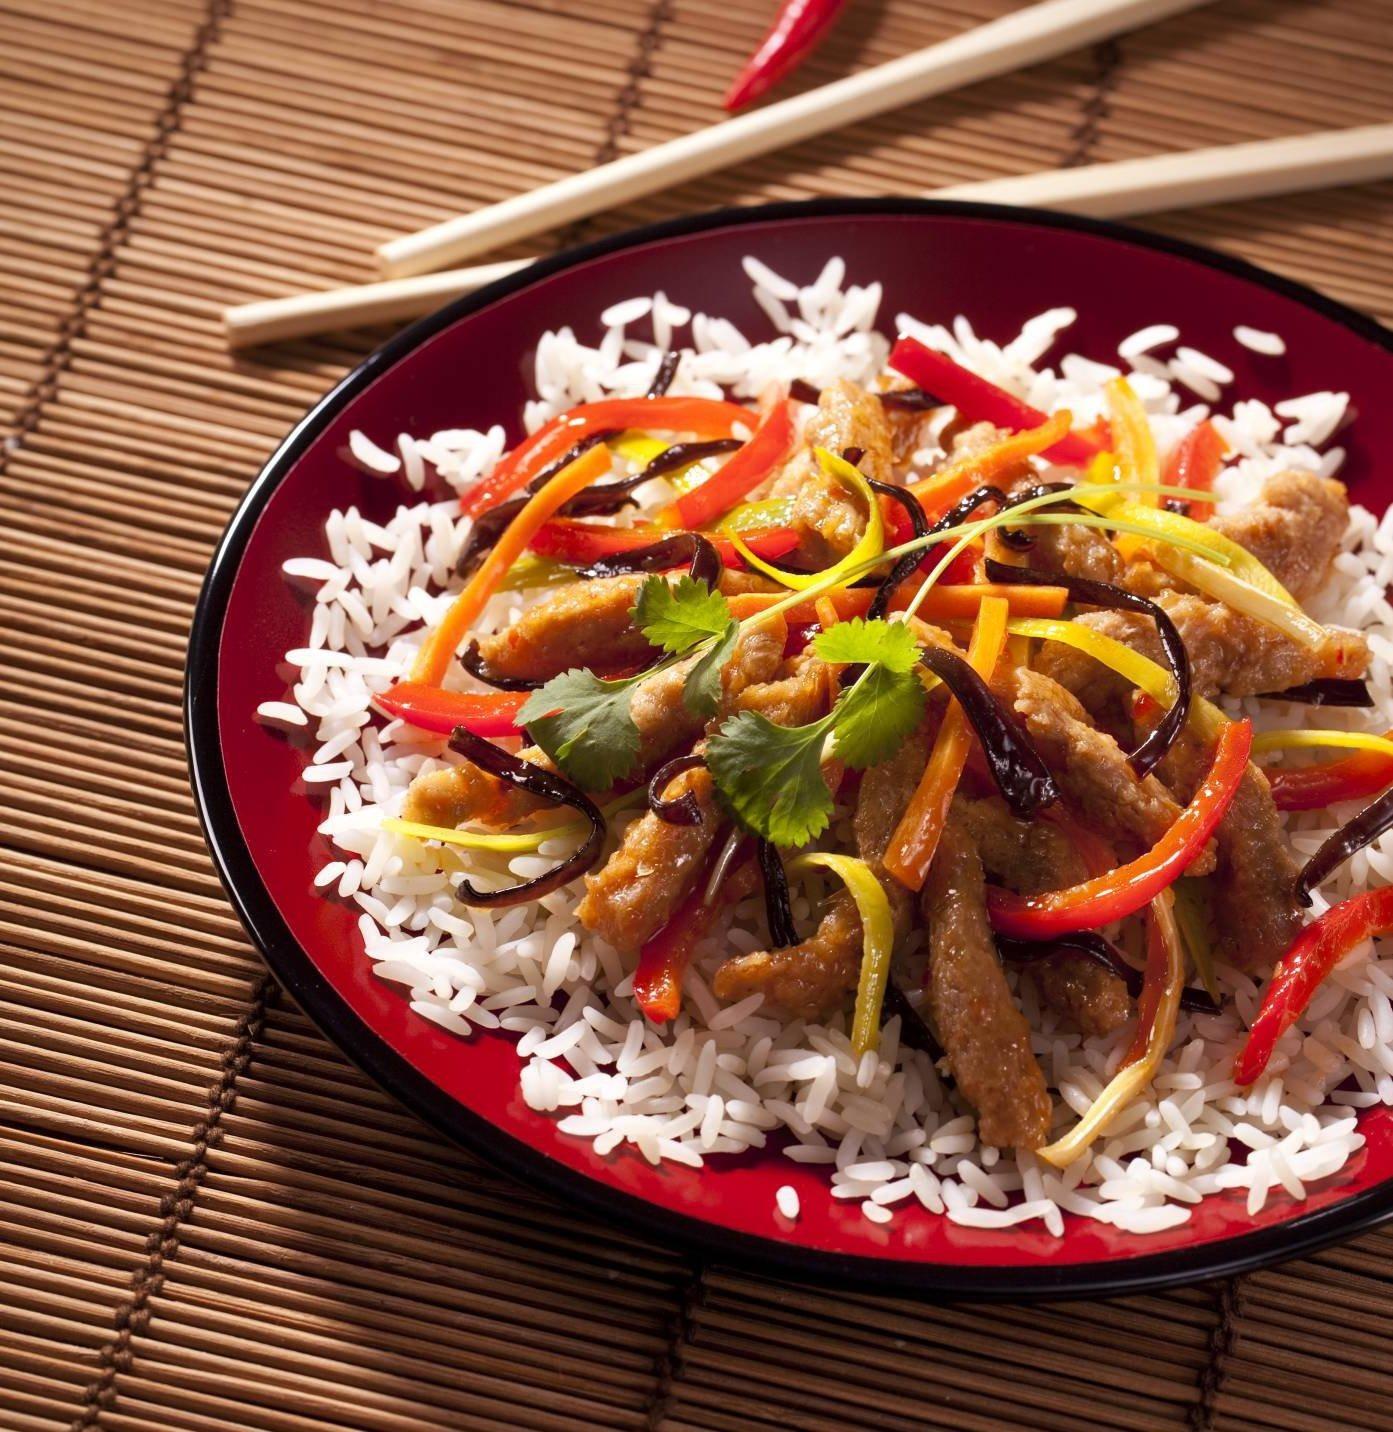 Kuchnia Chinska Wizaz Pl